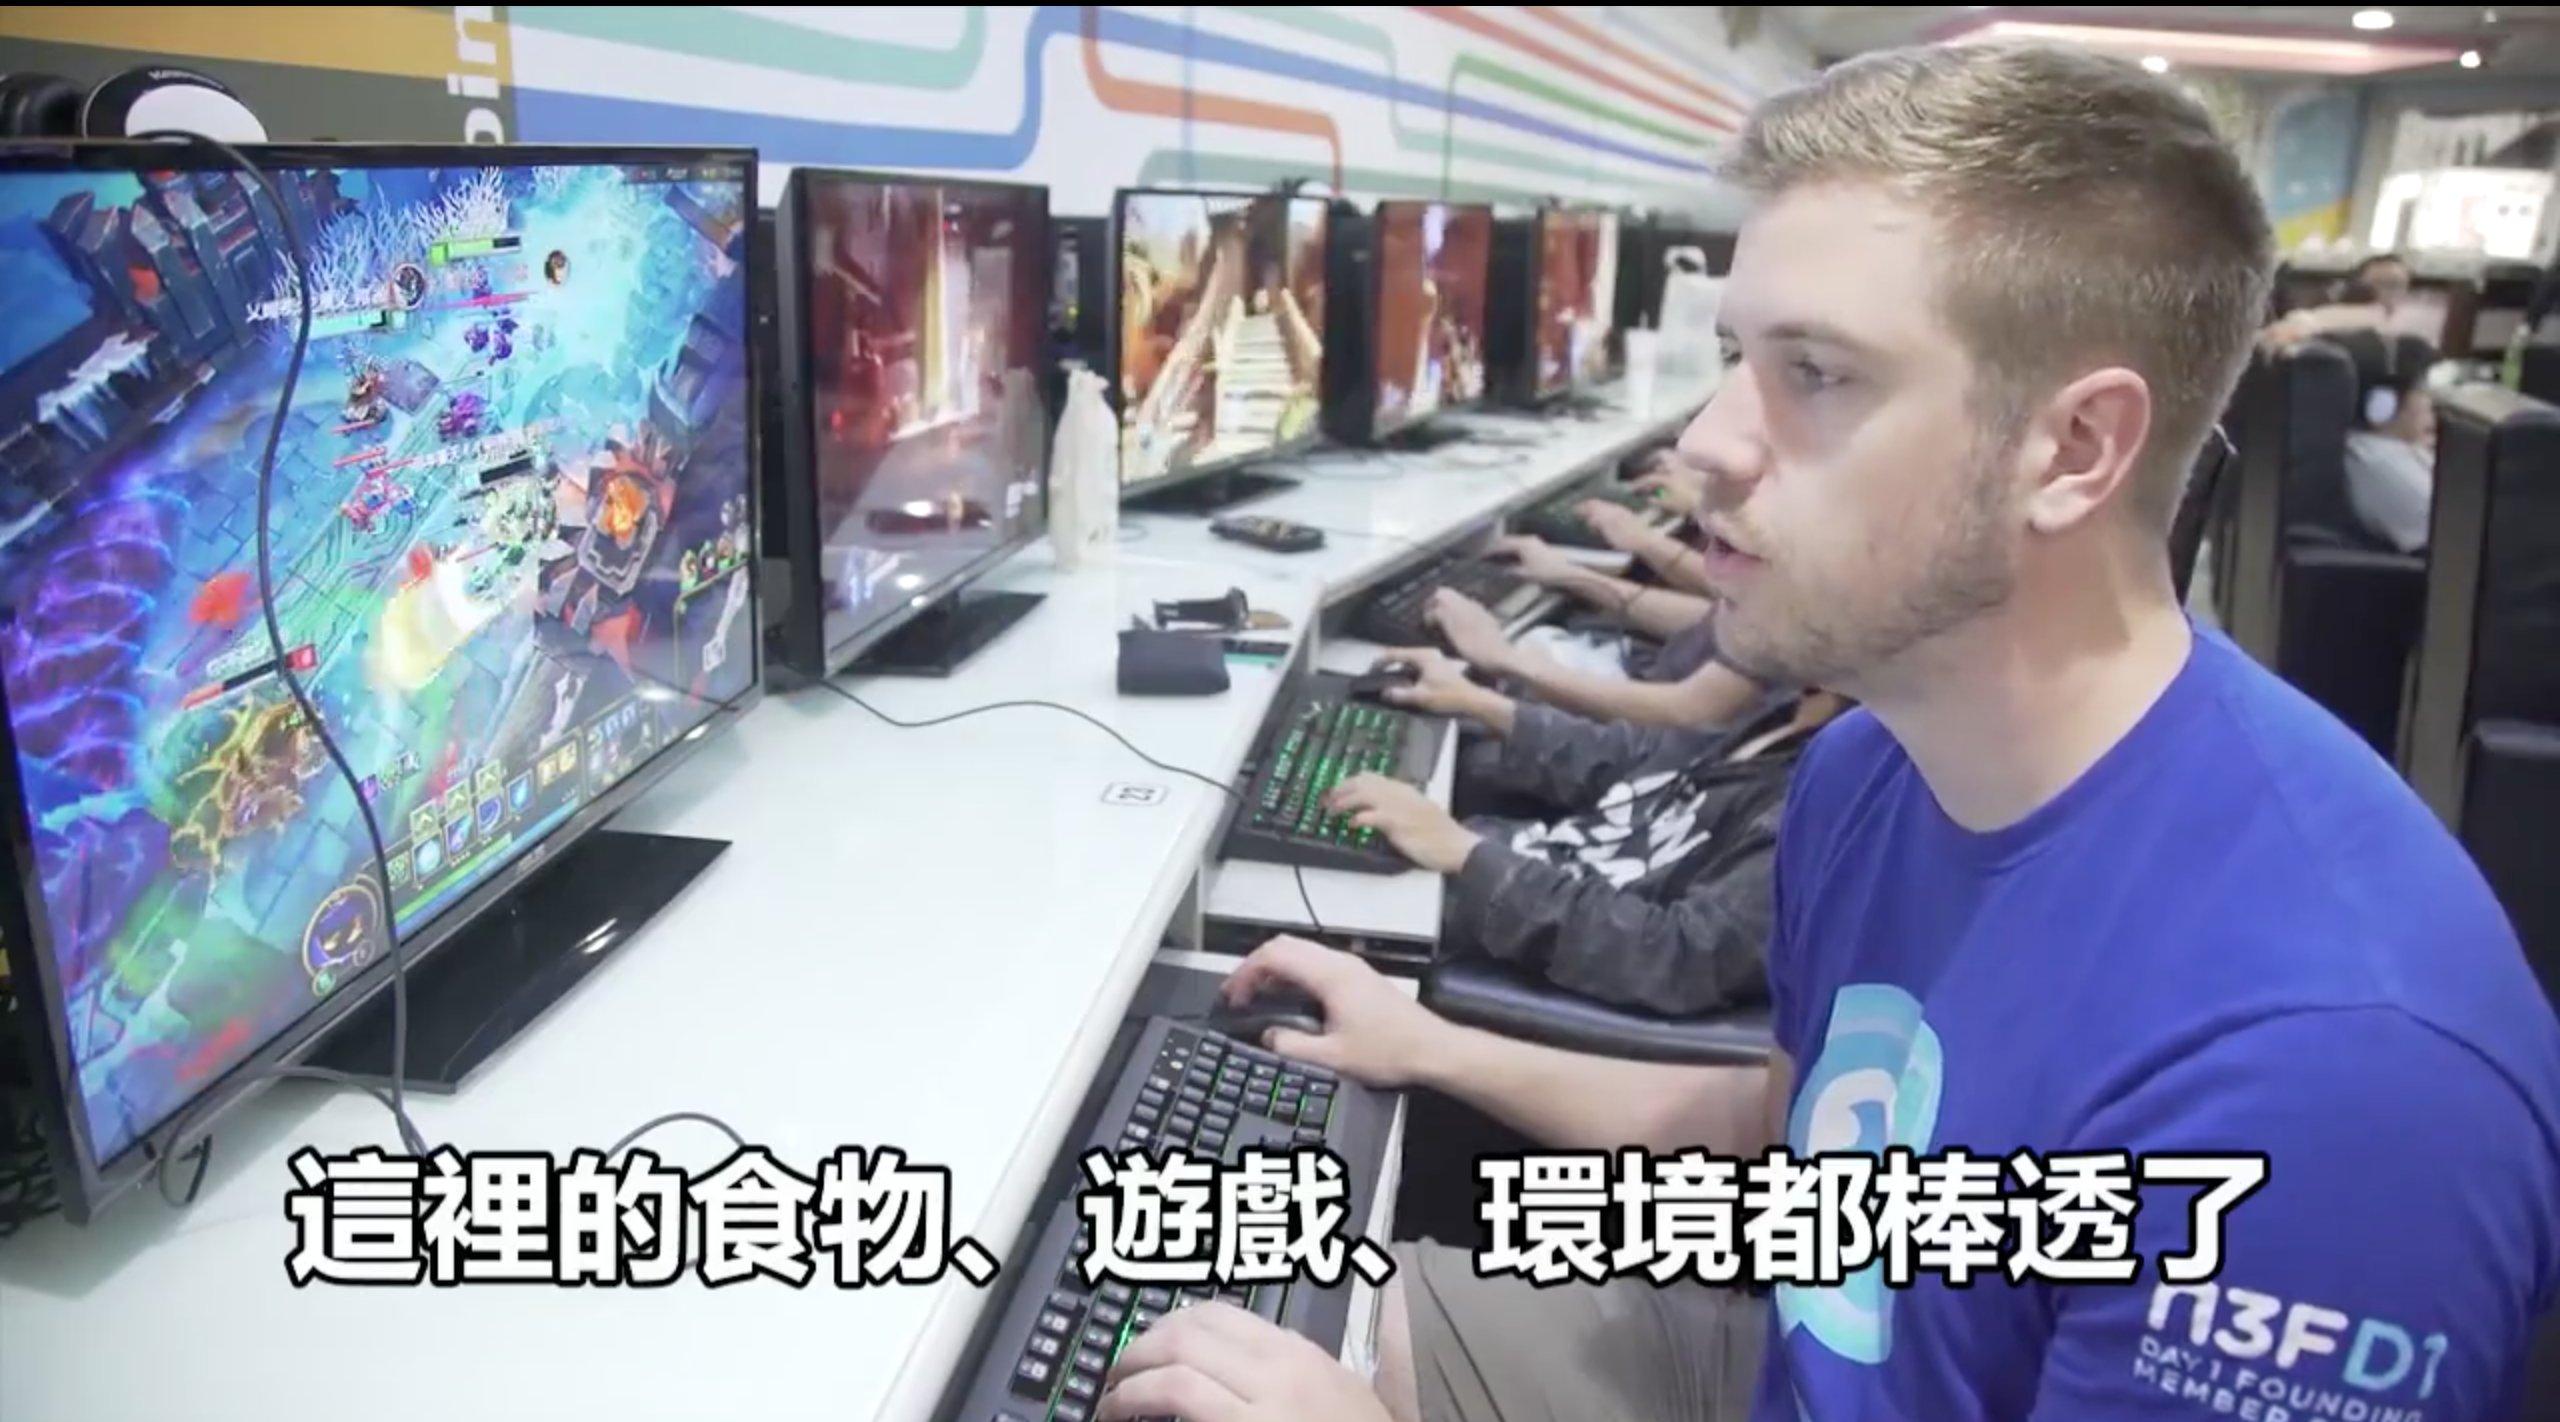 e89ea2e5b995e5bfabe785a7 2017 12 05 e4b88be58d8812 38 13 2.png?resize=1200,630 - 外國人眼裡的網咖 究竟是台灣之恥還是台灣之光?